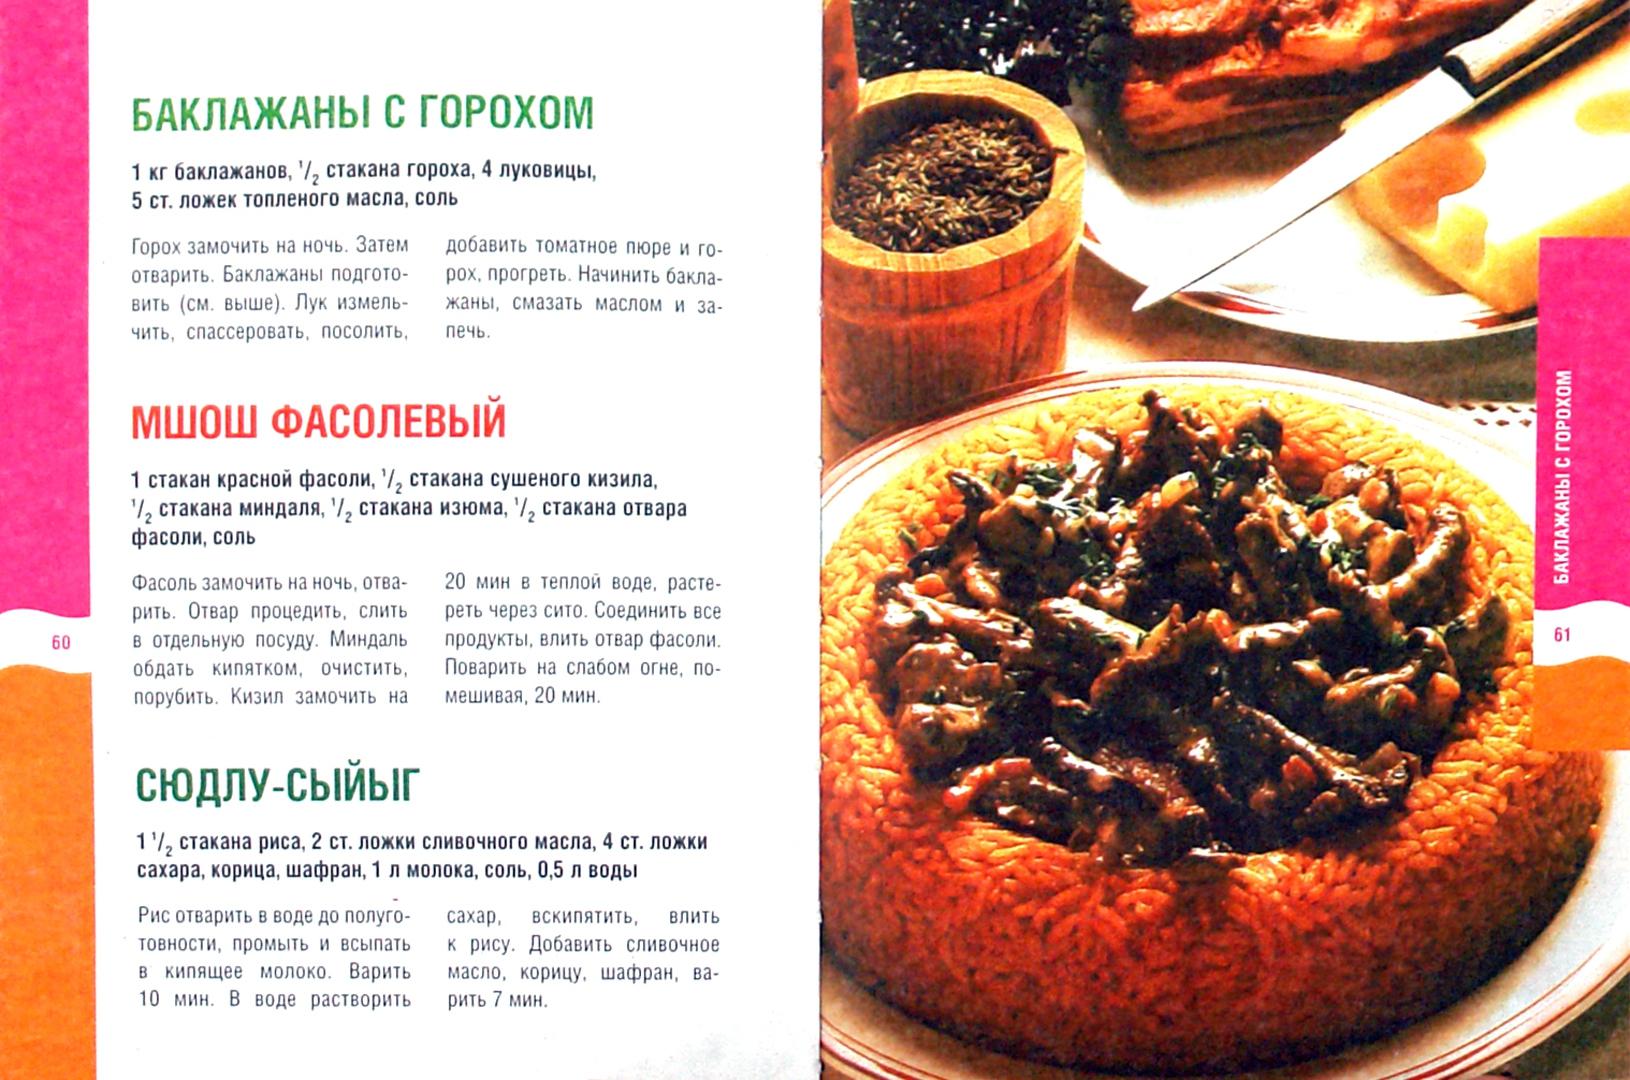 Иллюстрация 1 из 5 для 99 гениальных рецептов. Кавказская кухня - Т. Деревянко | Лабиринт - книги. Источник: Лабиринт